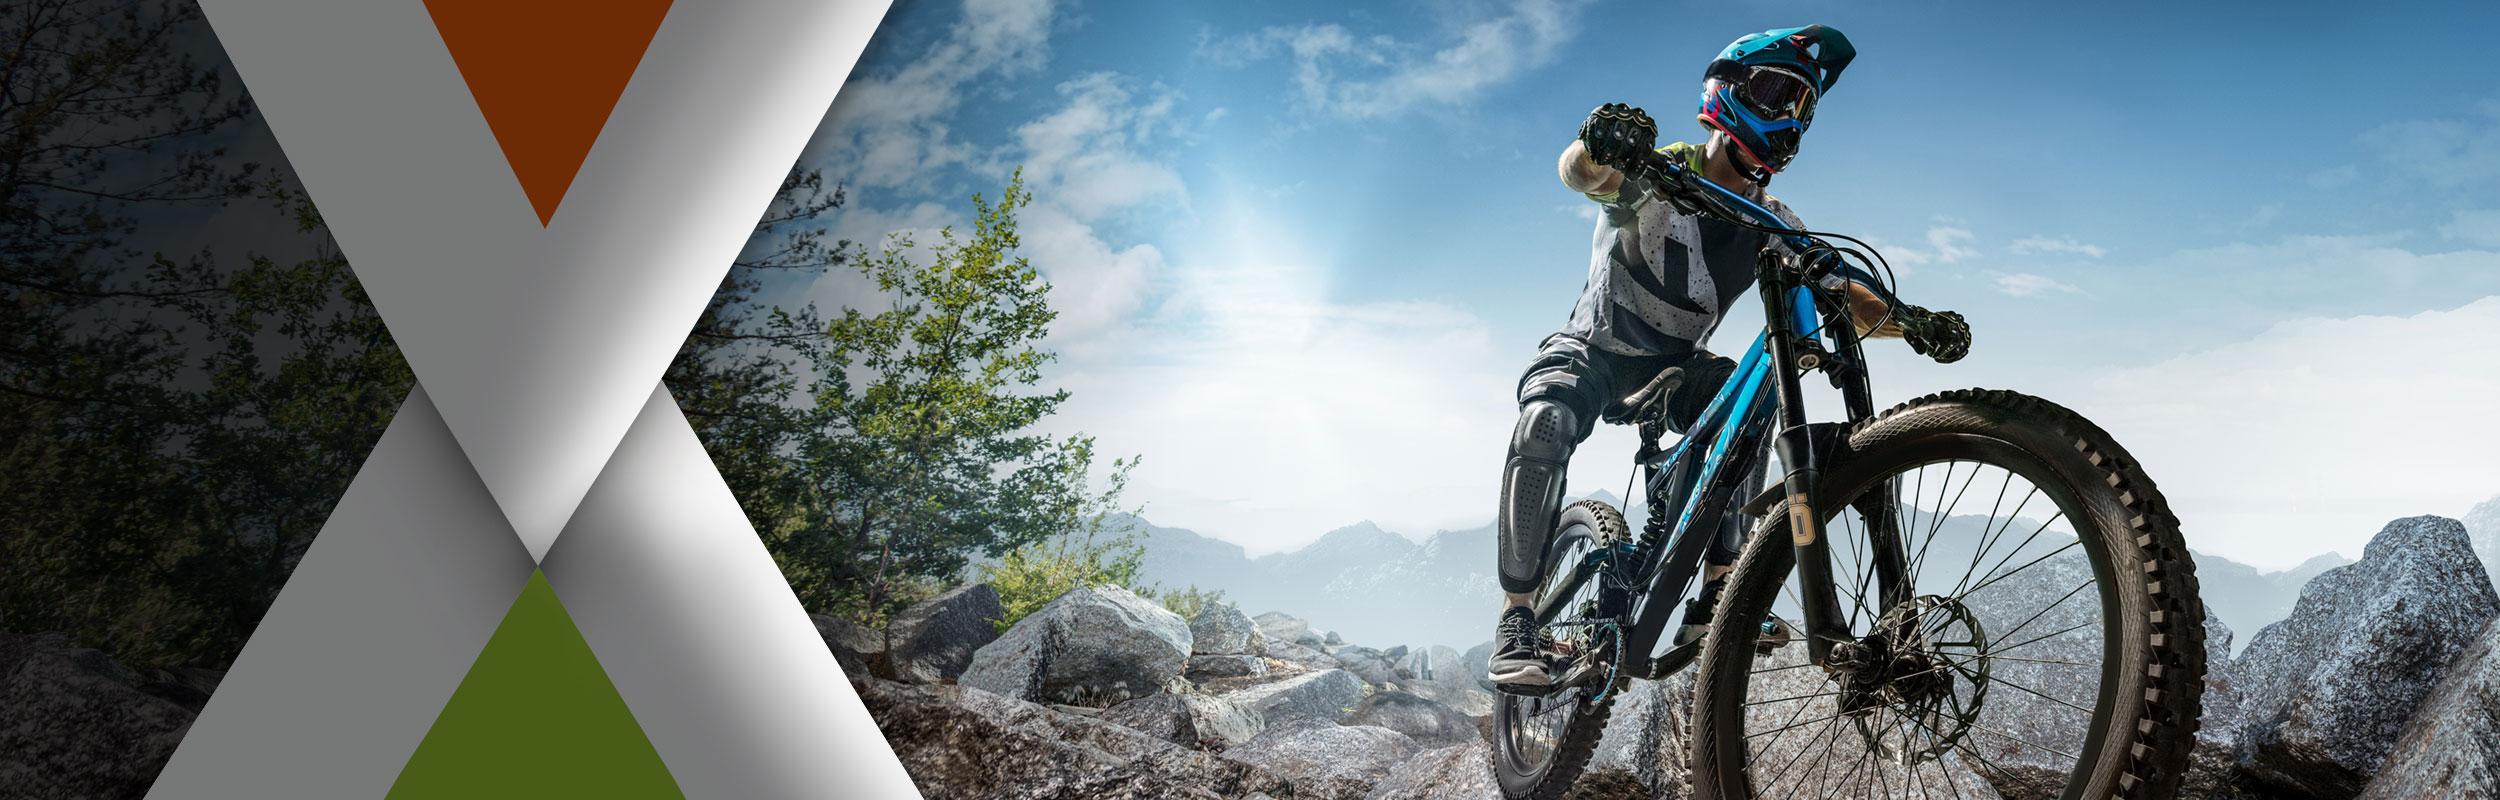 Suspensiones Mountainbike